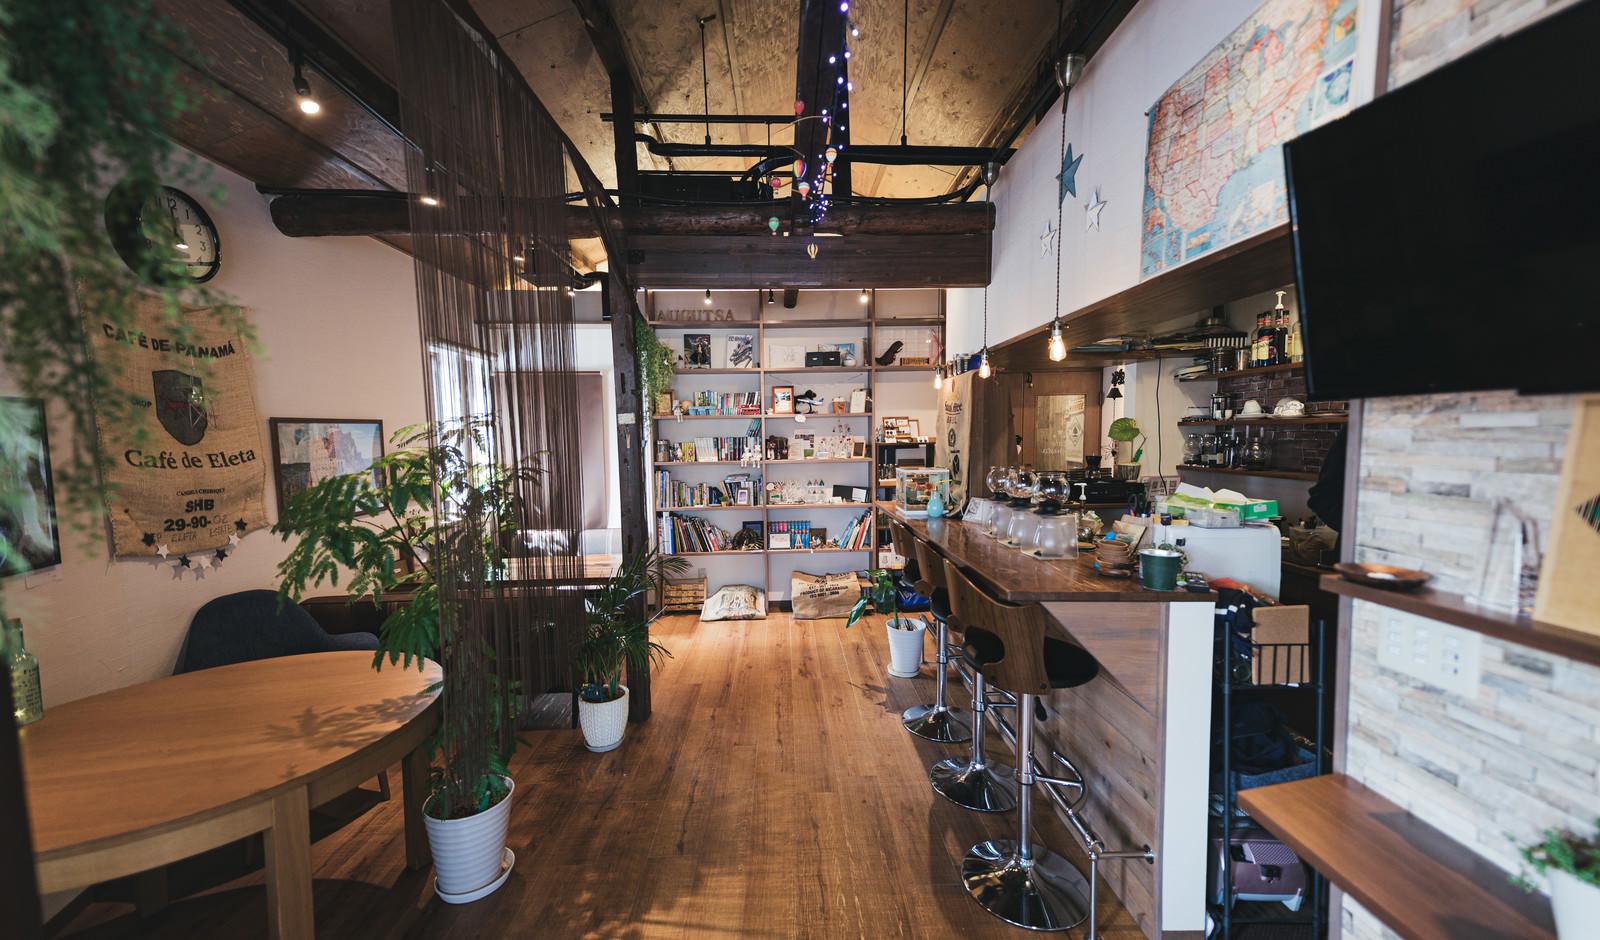 「サーフカフェ風な広々とした店内の素敵なカフェ」の写真